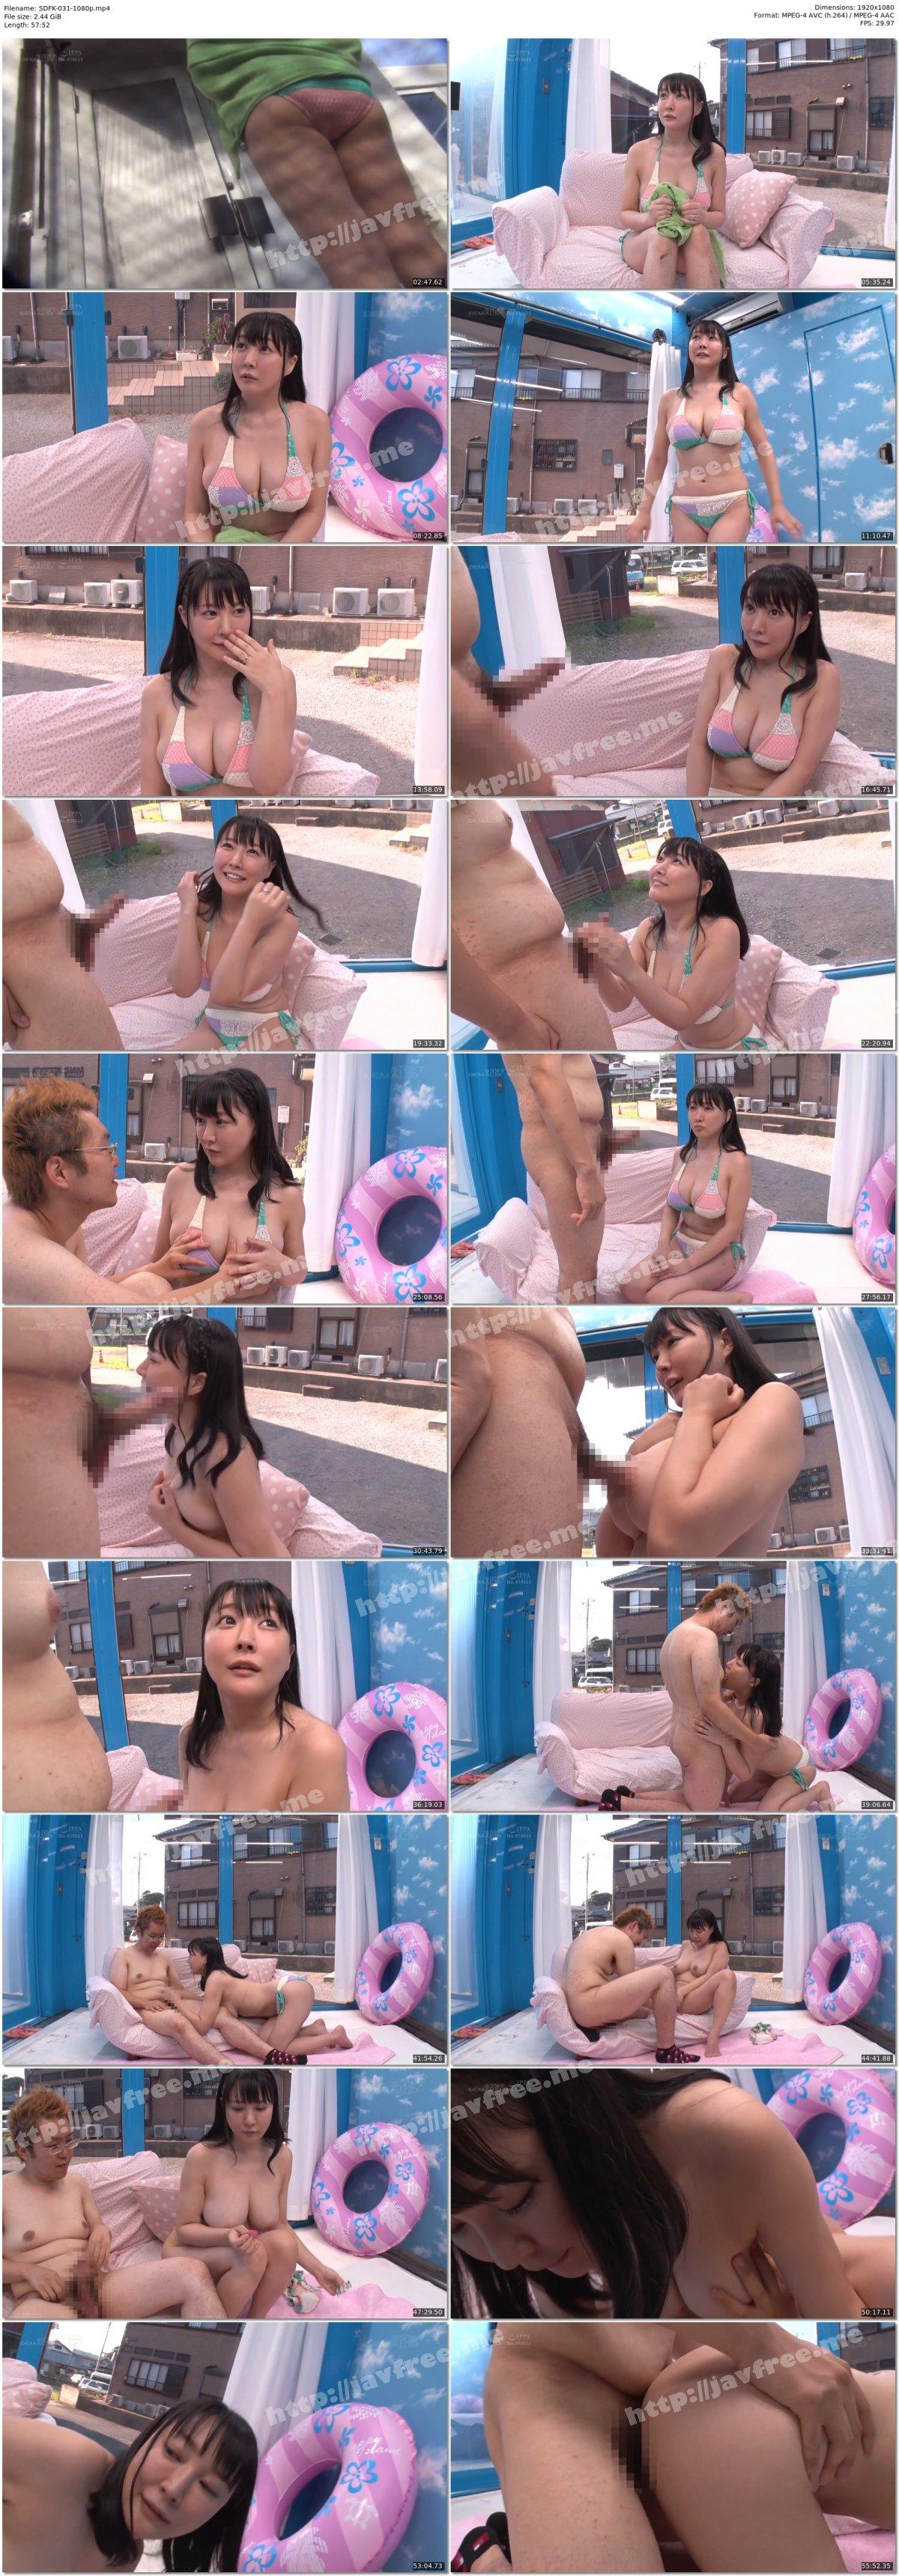 [HD][SDFK-031] マジックミラー号「童貞くんのオナニーのお手伝いしてくれませんか…」 海水浴場で声を掛けた心優しい水着美女が童貞くんを赤面筆おろし! なつき(28歳)主婦 - image SDFK-031-1080p on https://javfree.me